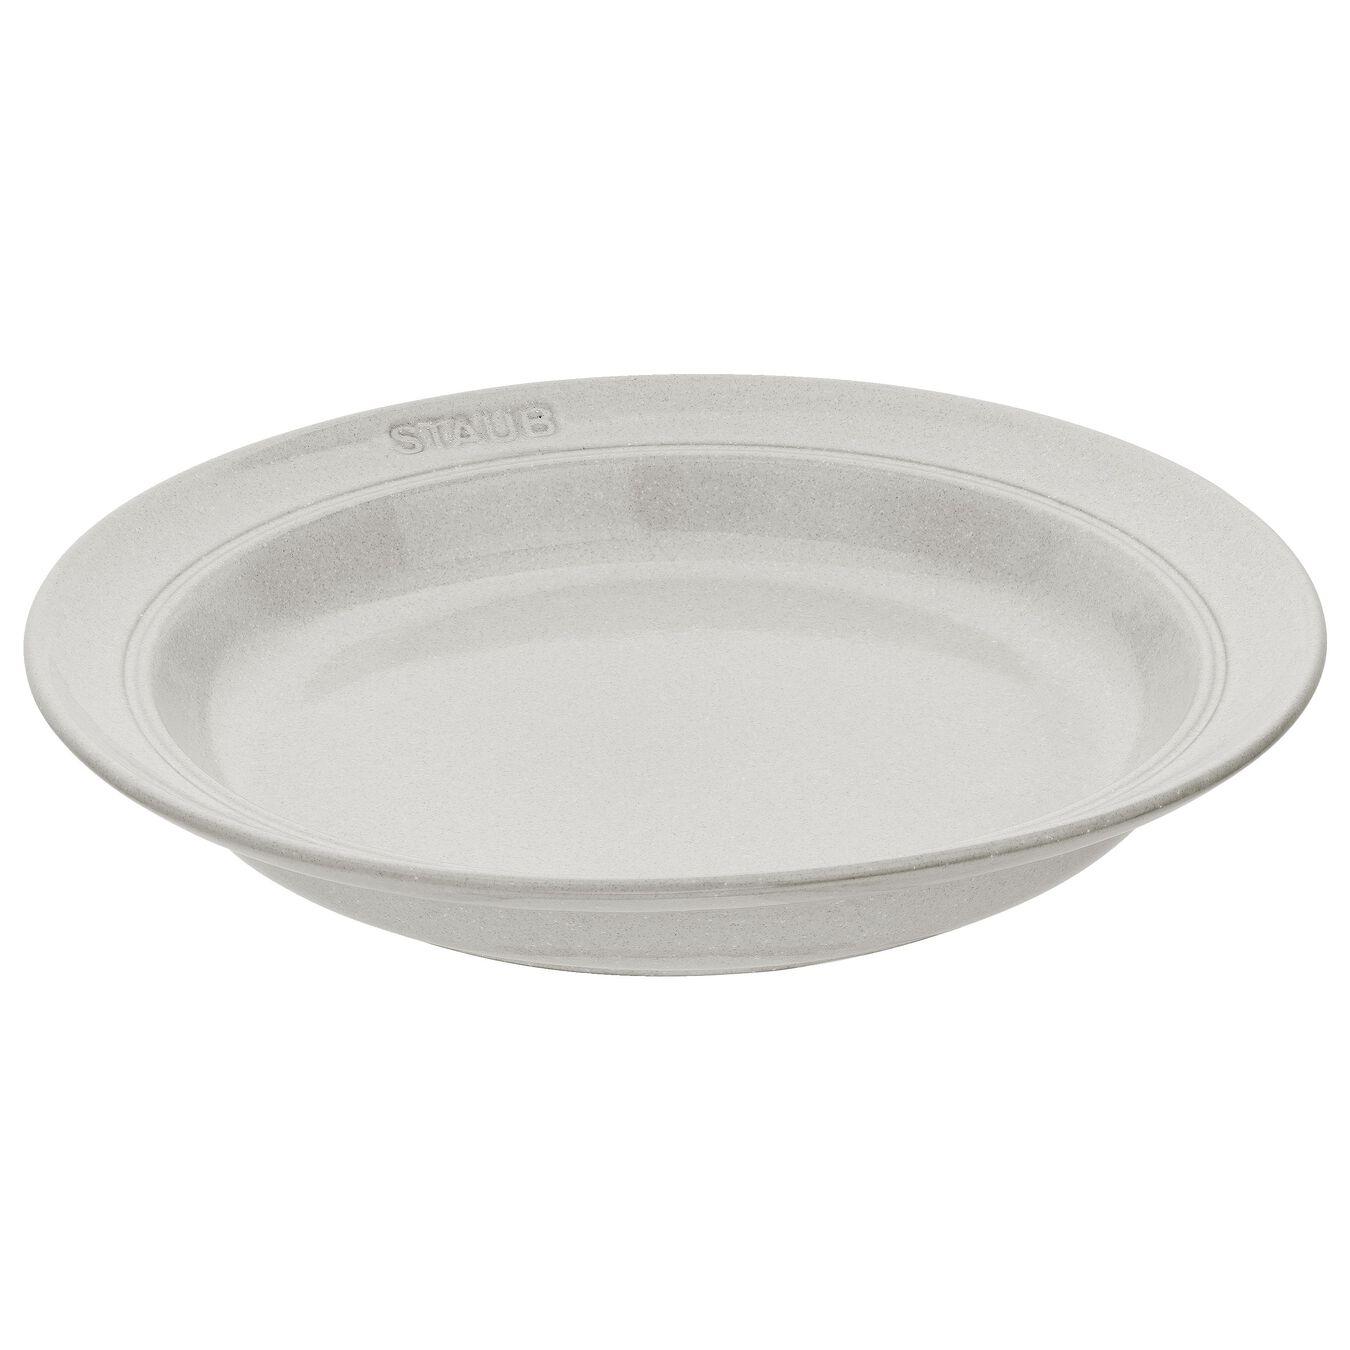 Set de service, 32-pcs | White Truffle | Ceramic | Ceramic,,large 5